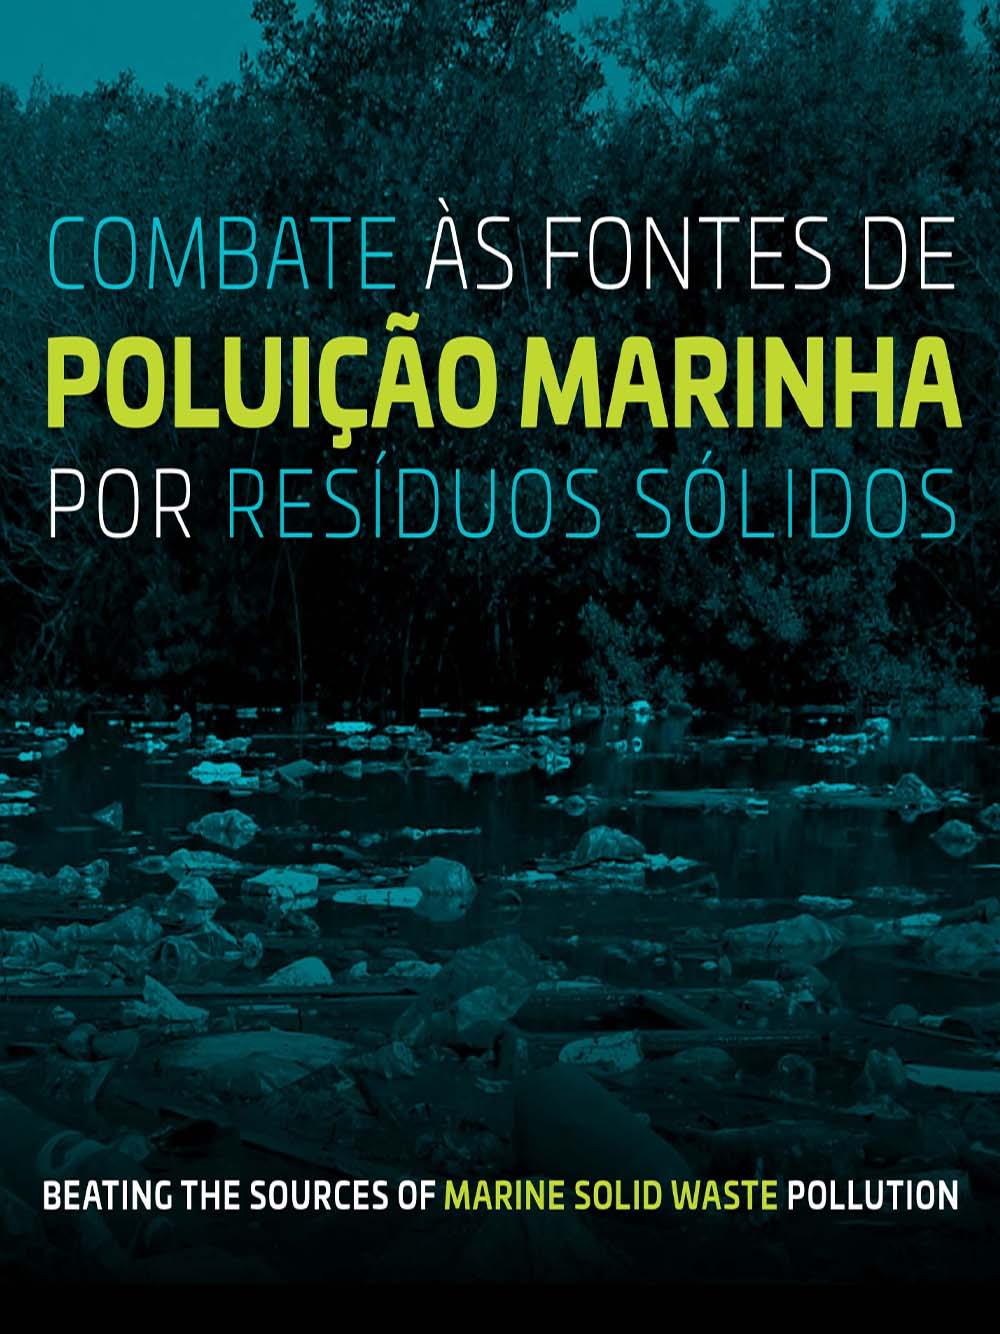 COMBATE ÀS FONTES DE POLUIÇÃO MARINHA POR RESÍDUOS SÓLIDOS